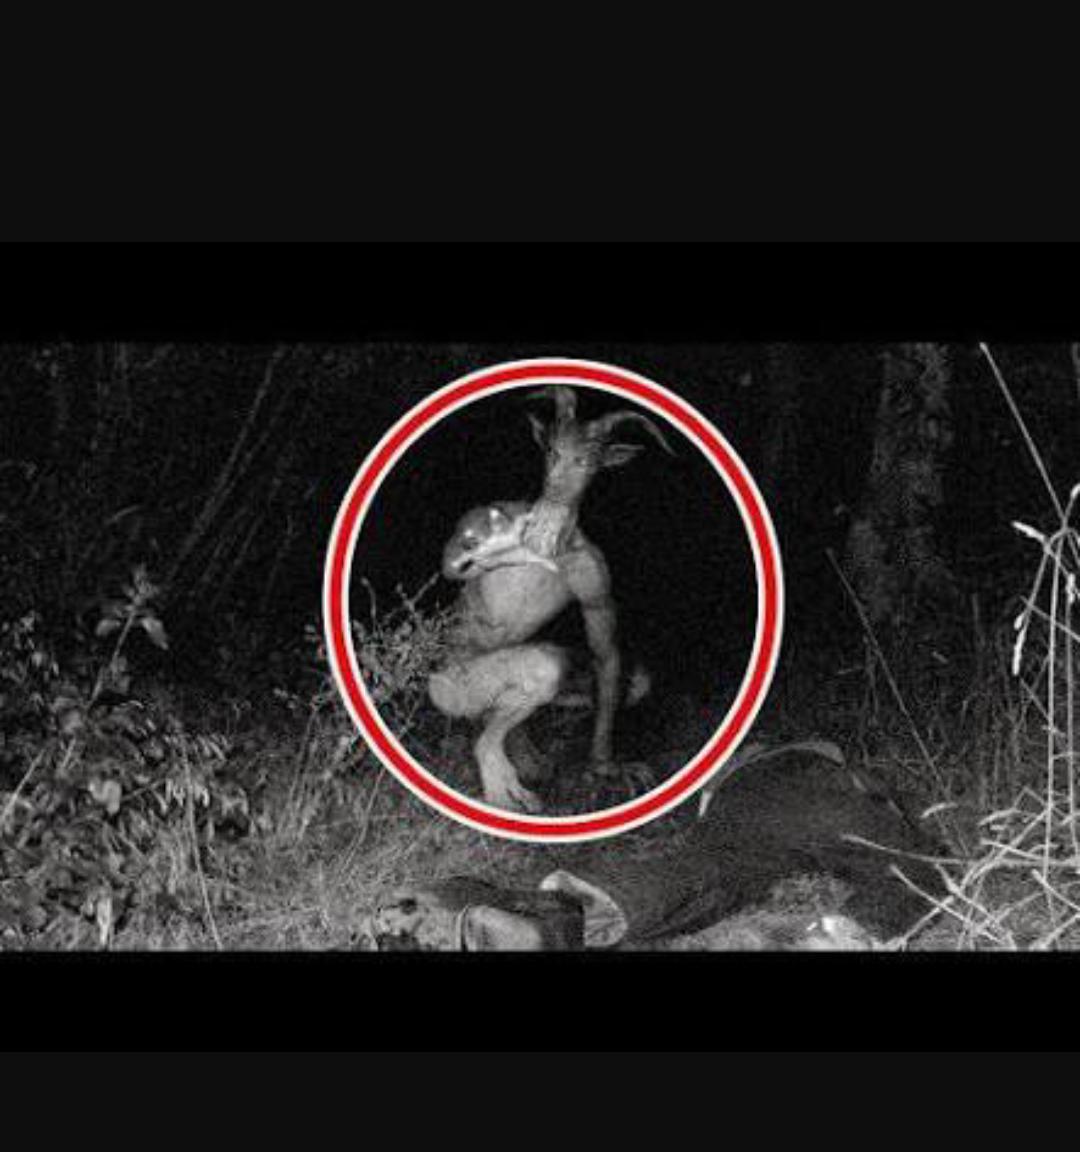 【閲覧注意?】野生動物観察のため森にカメラを仕掛けたところ、予想外のモノが撮影され研究者困惑